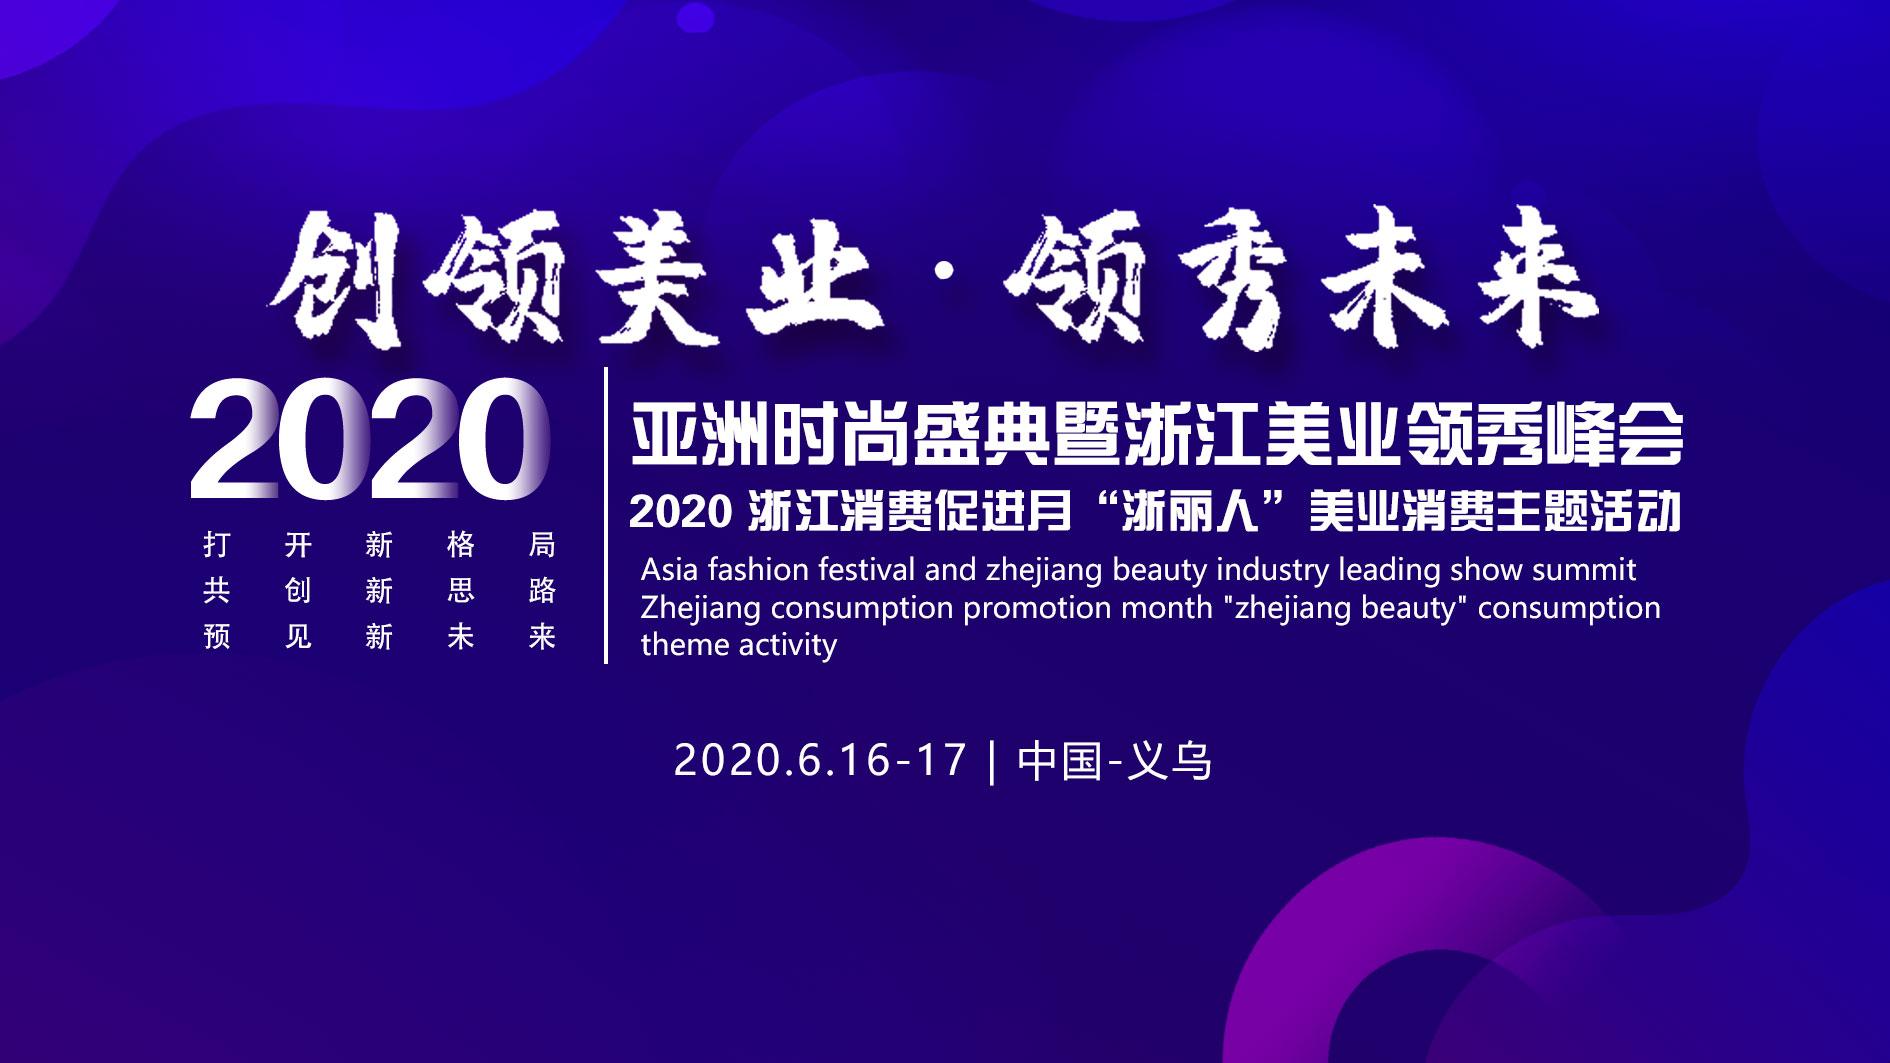 2020亚洲时尚盛典暨浙江美业领秀峰会